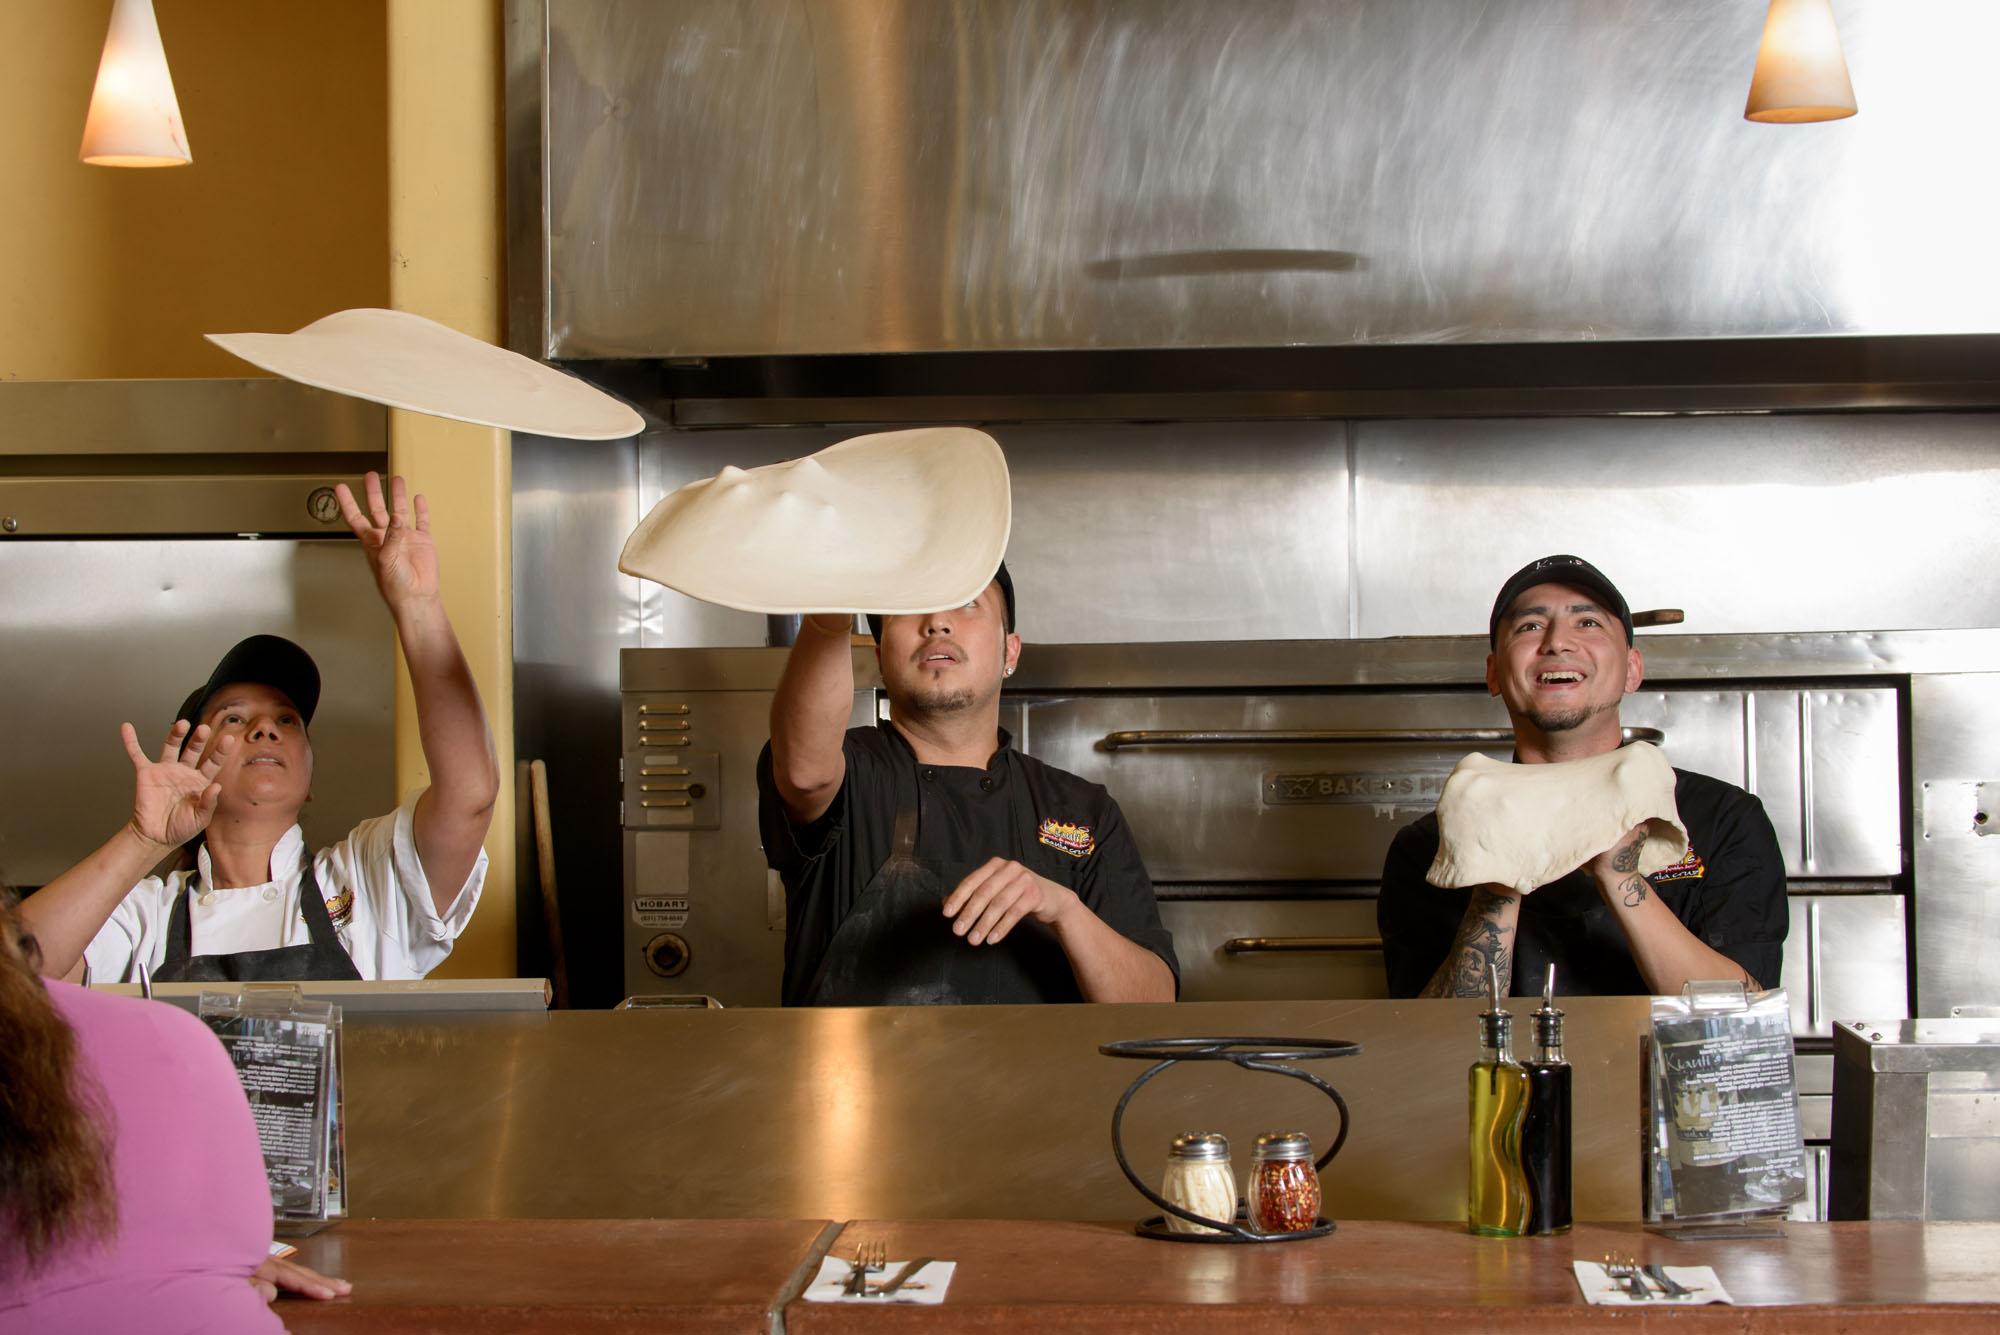 1655_d800b_Kiantis_Santa_Cruz_Restaurant_Photography.jpg